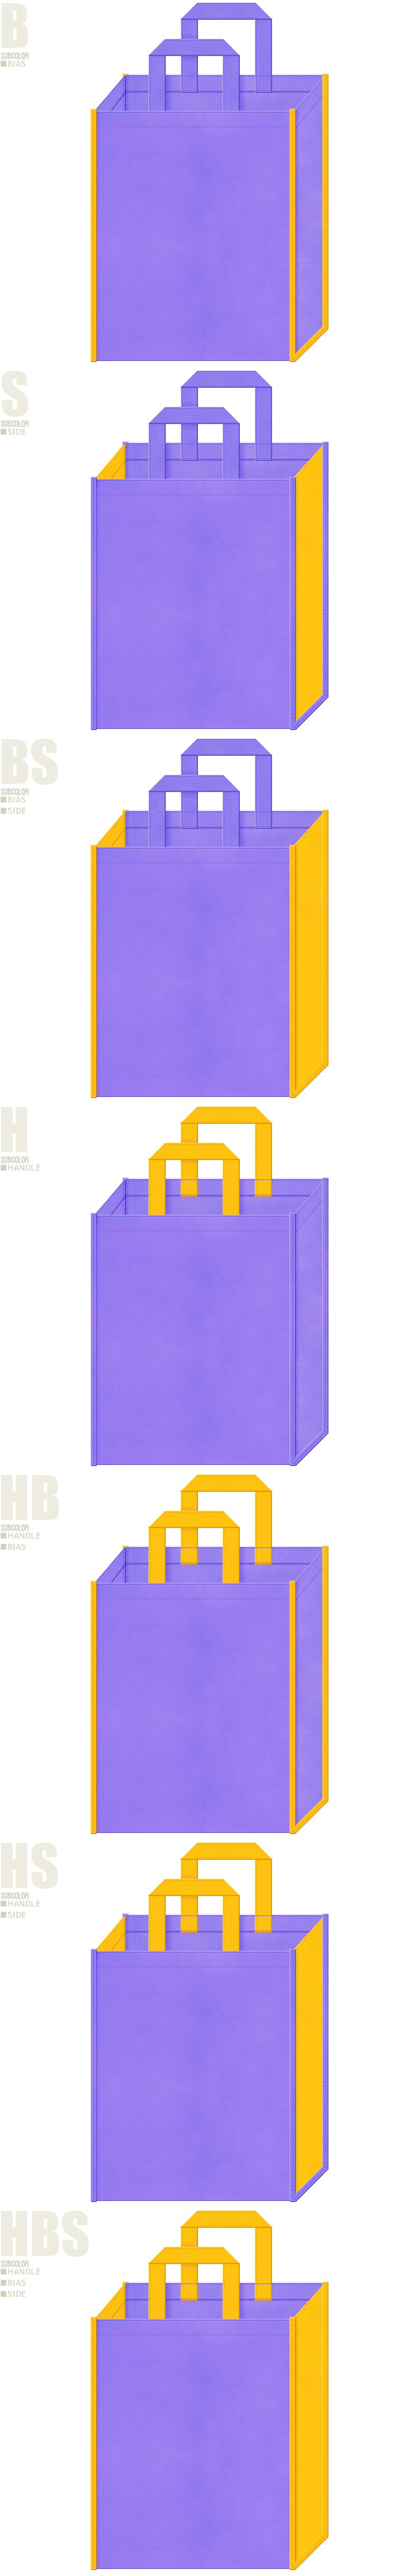 明るめの紫色と黄色、7パターンの不織布トートバッグ配色デザイン例。